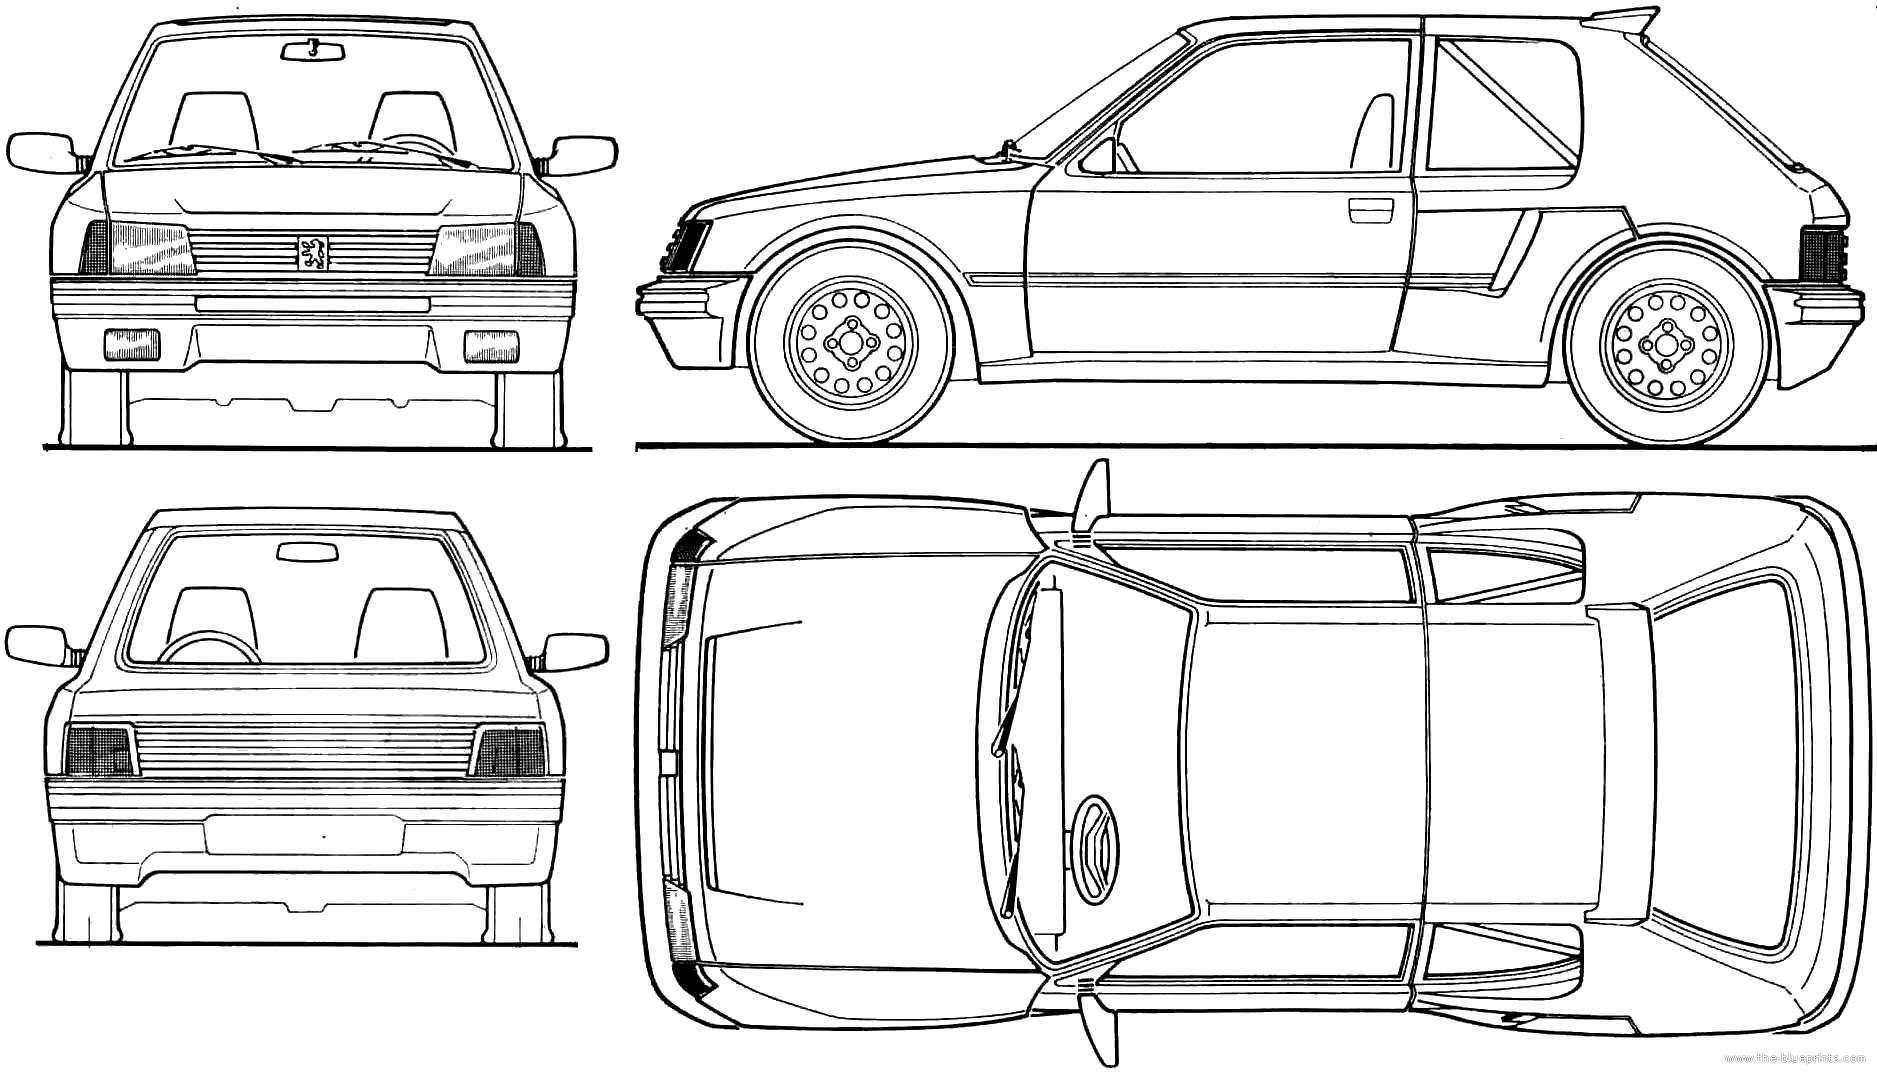 Blueprints > Cars > Peugeot > Peugeot 205 T16 (1985)